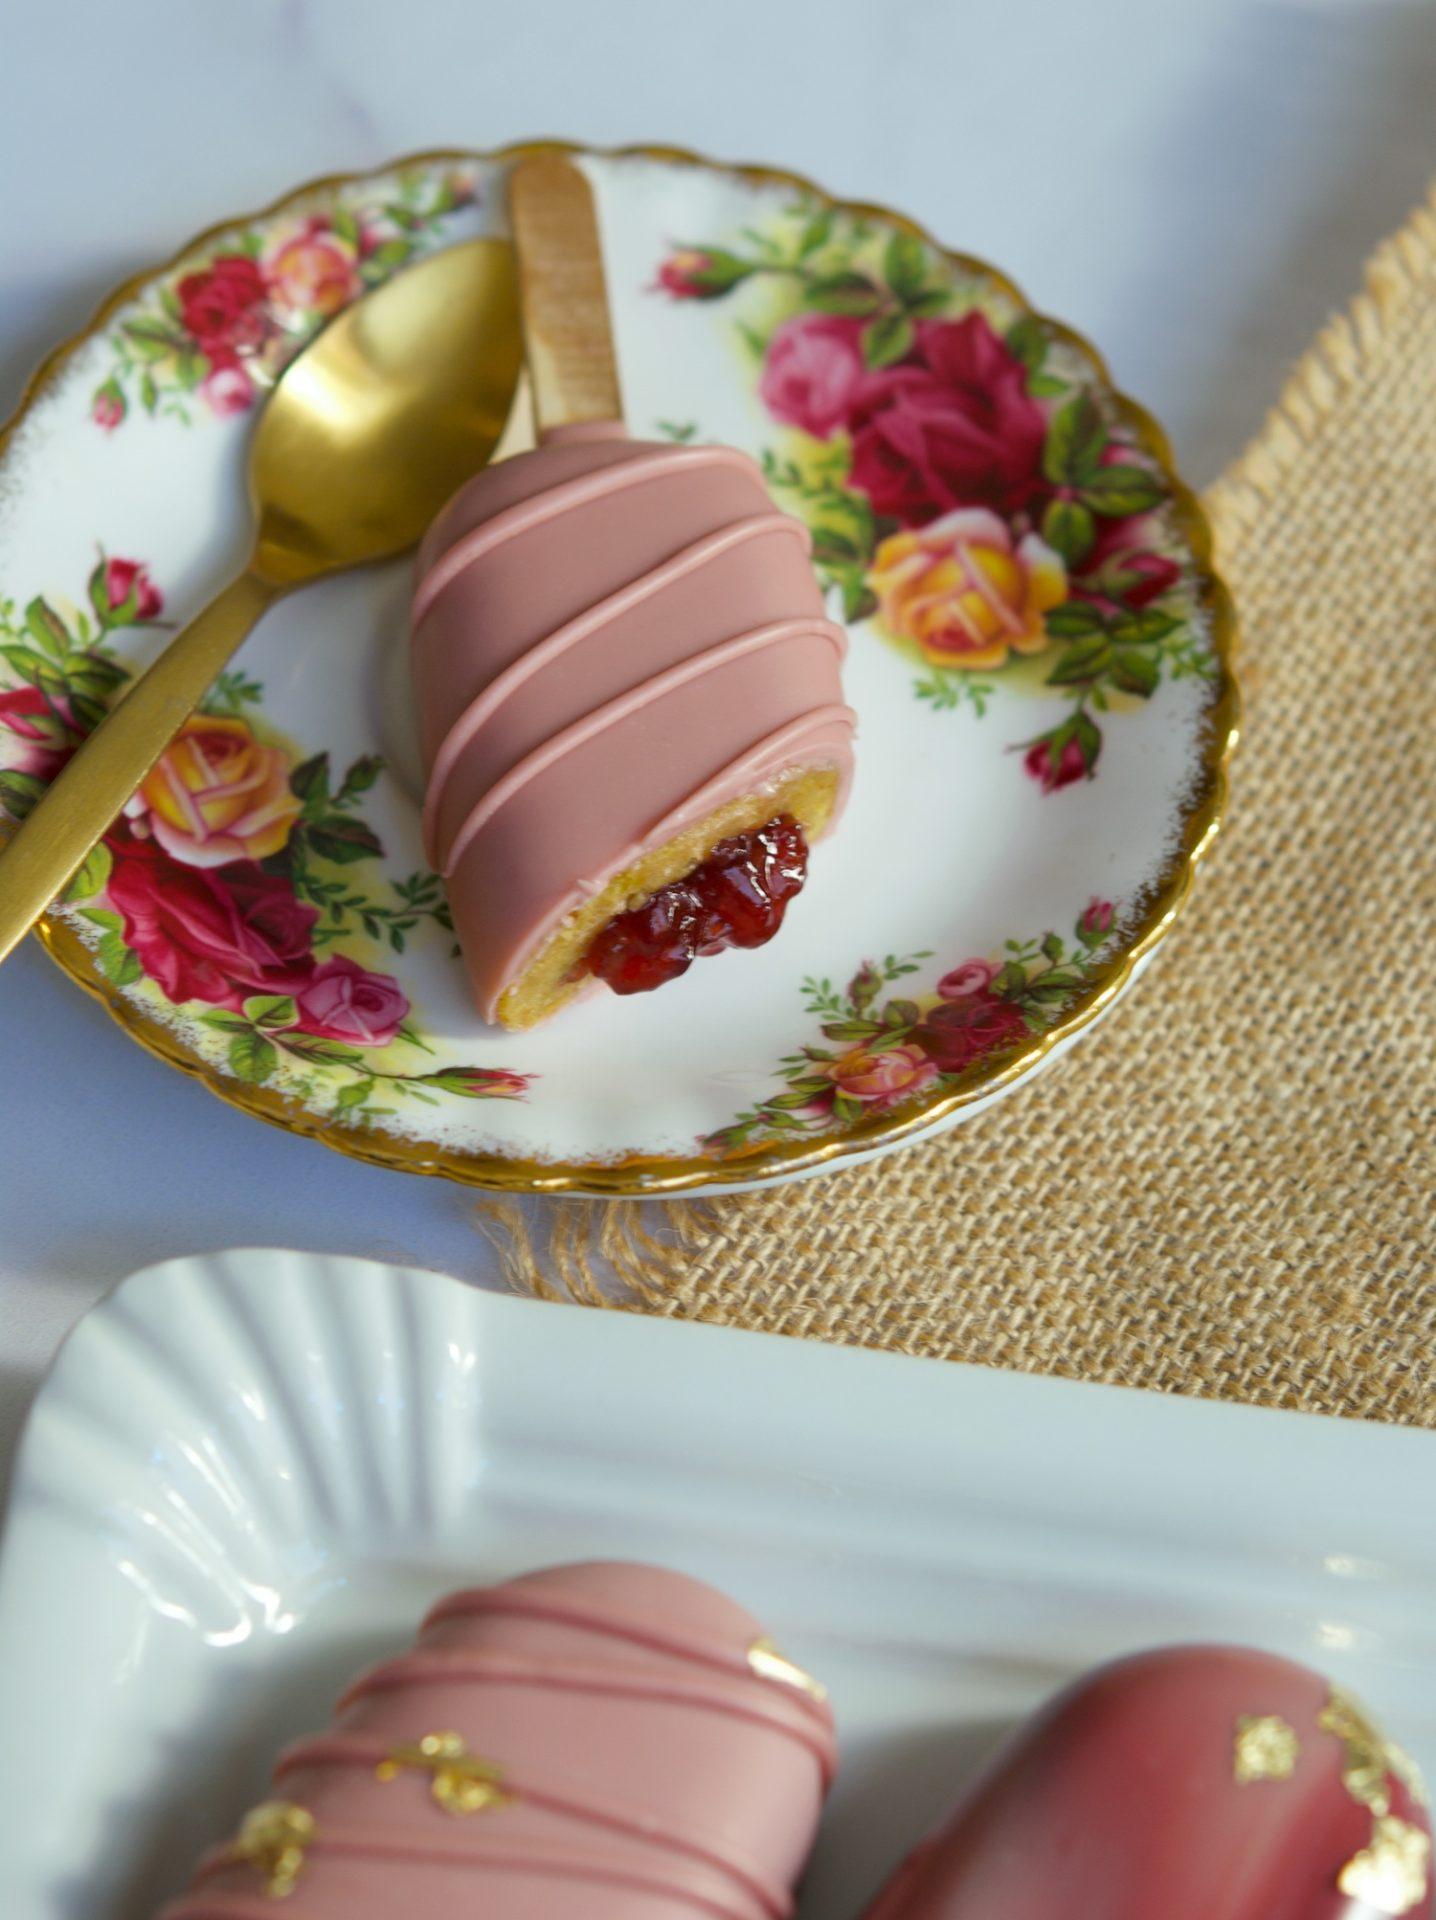 Curso magnum cakesicles, mericakes, curso reposteria, barcelona, curso cakepops, paletas, gourmet cake, 2